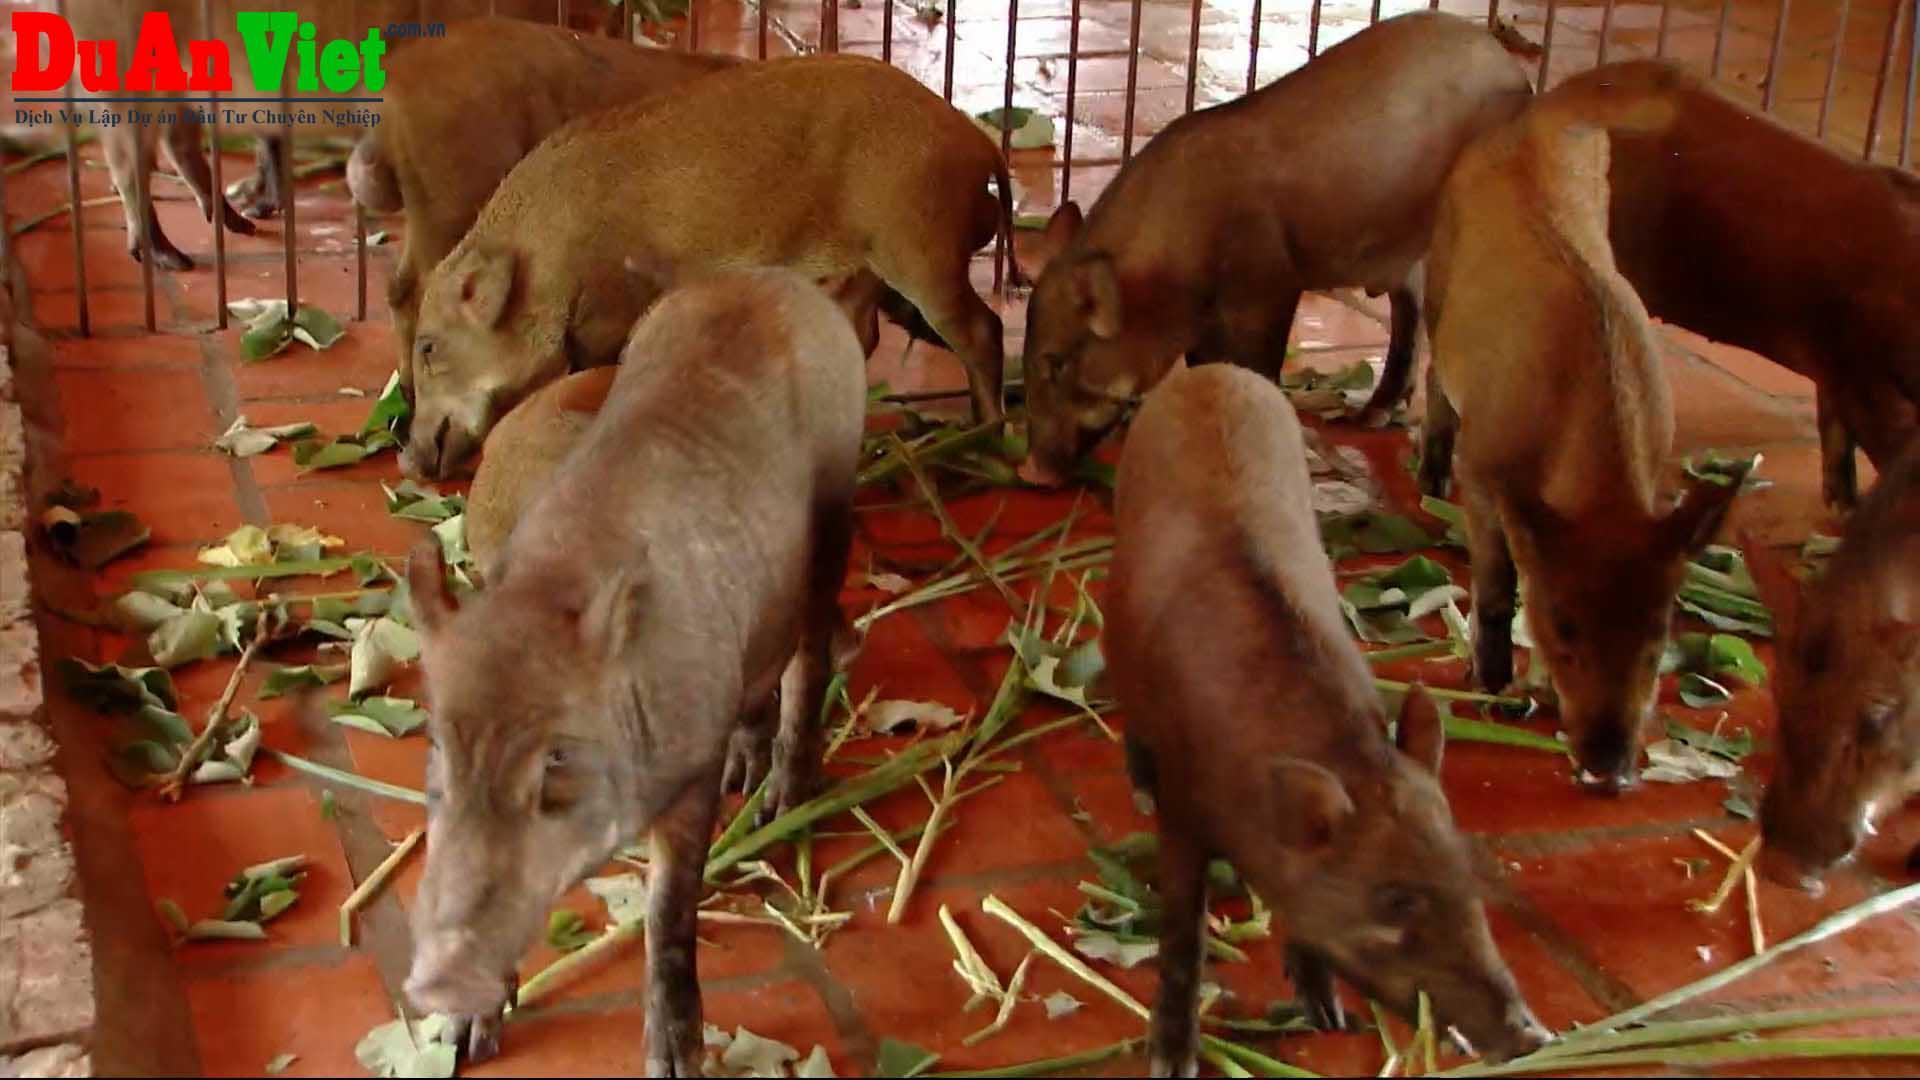 Trang trại chăn nuôi heo - Vĩnh Cửu Đồng Nai